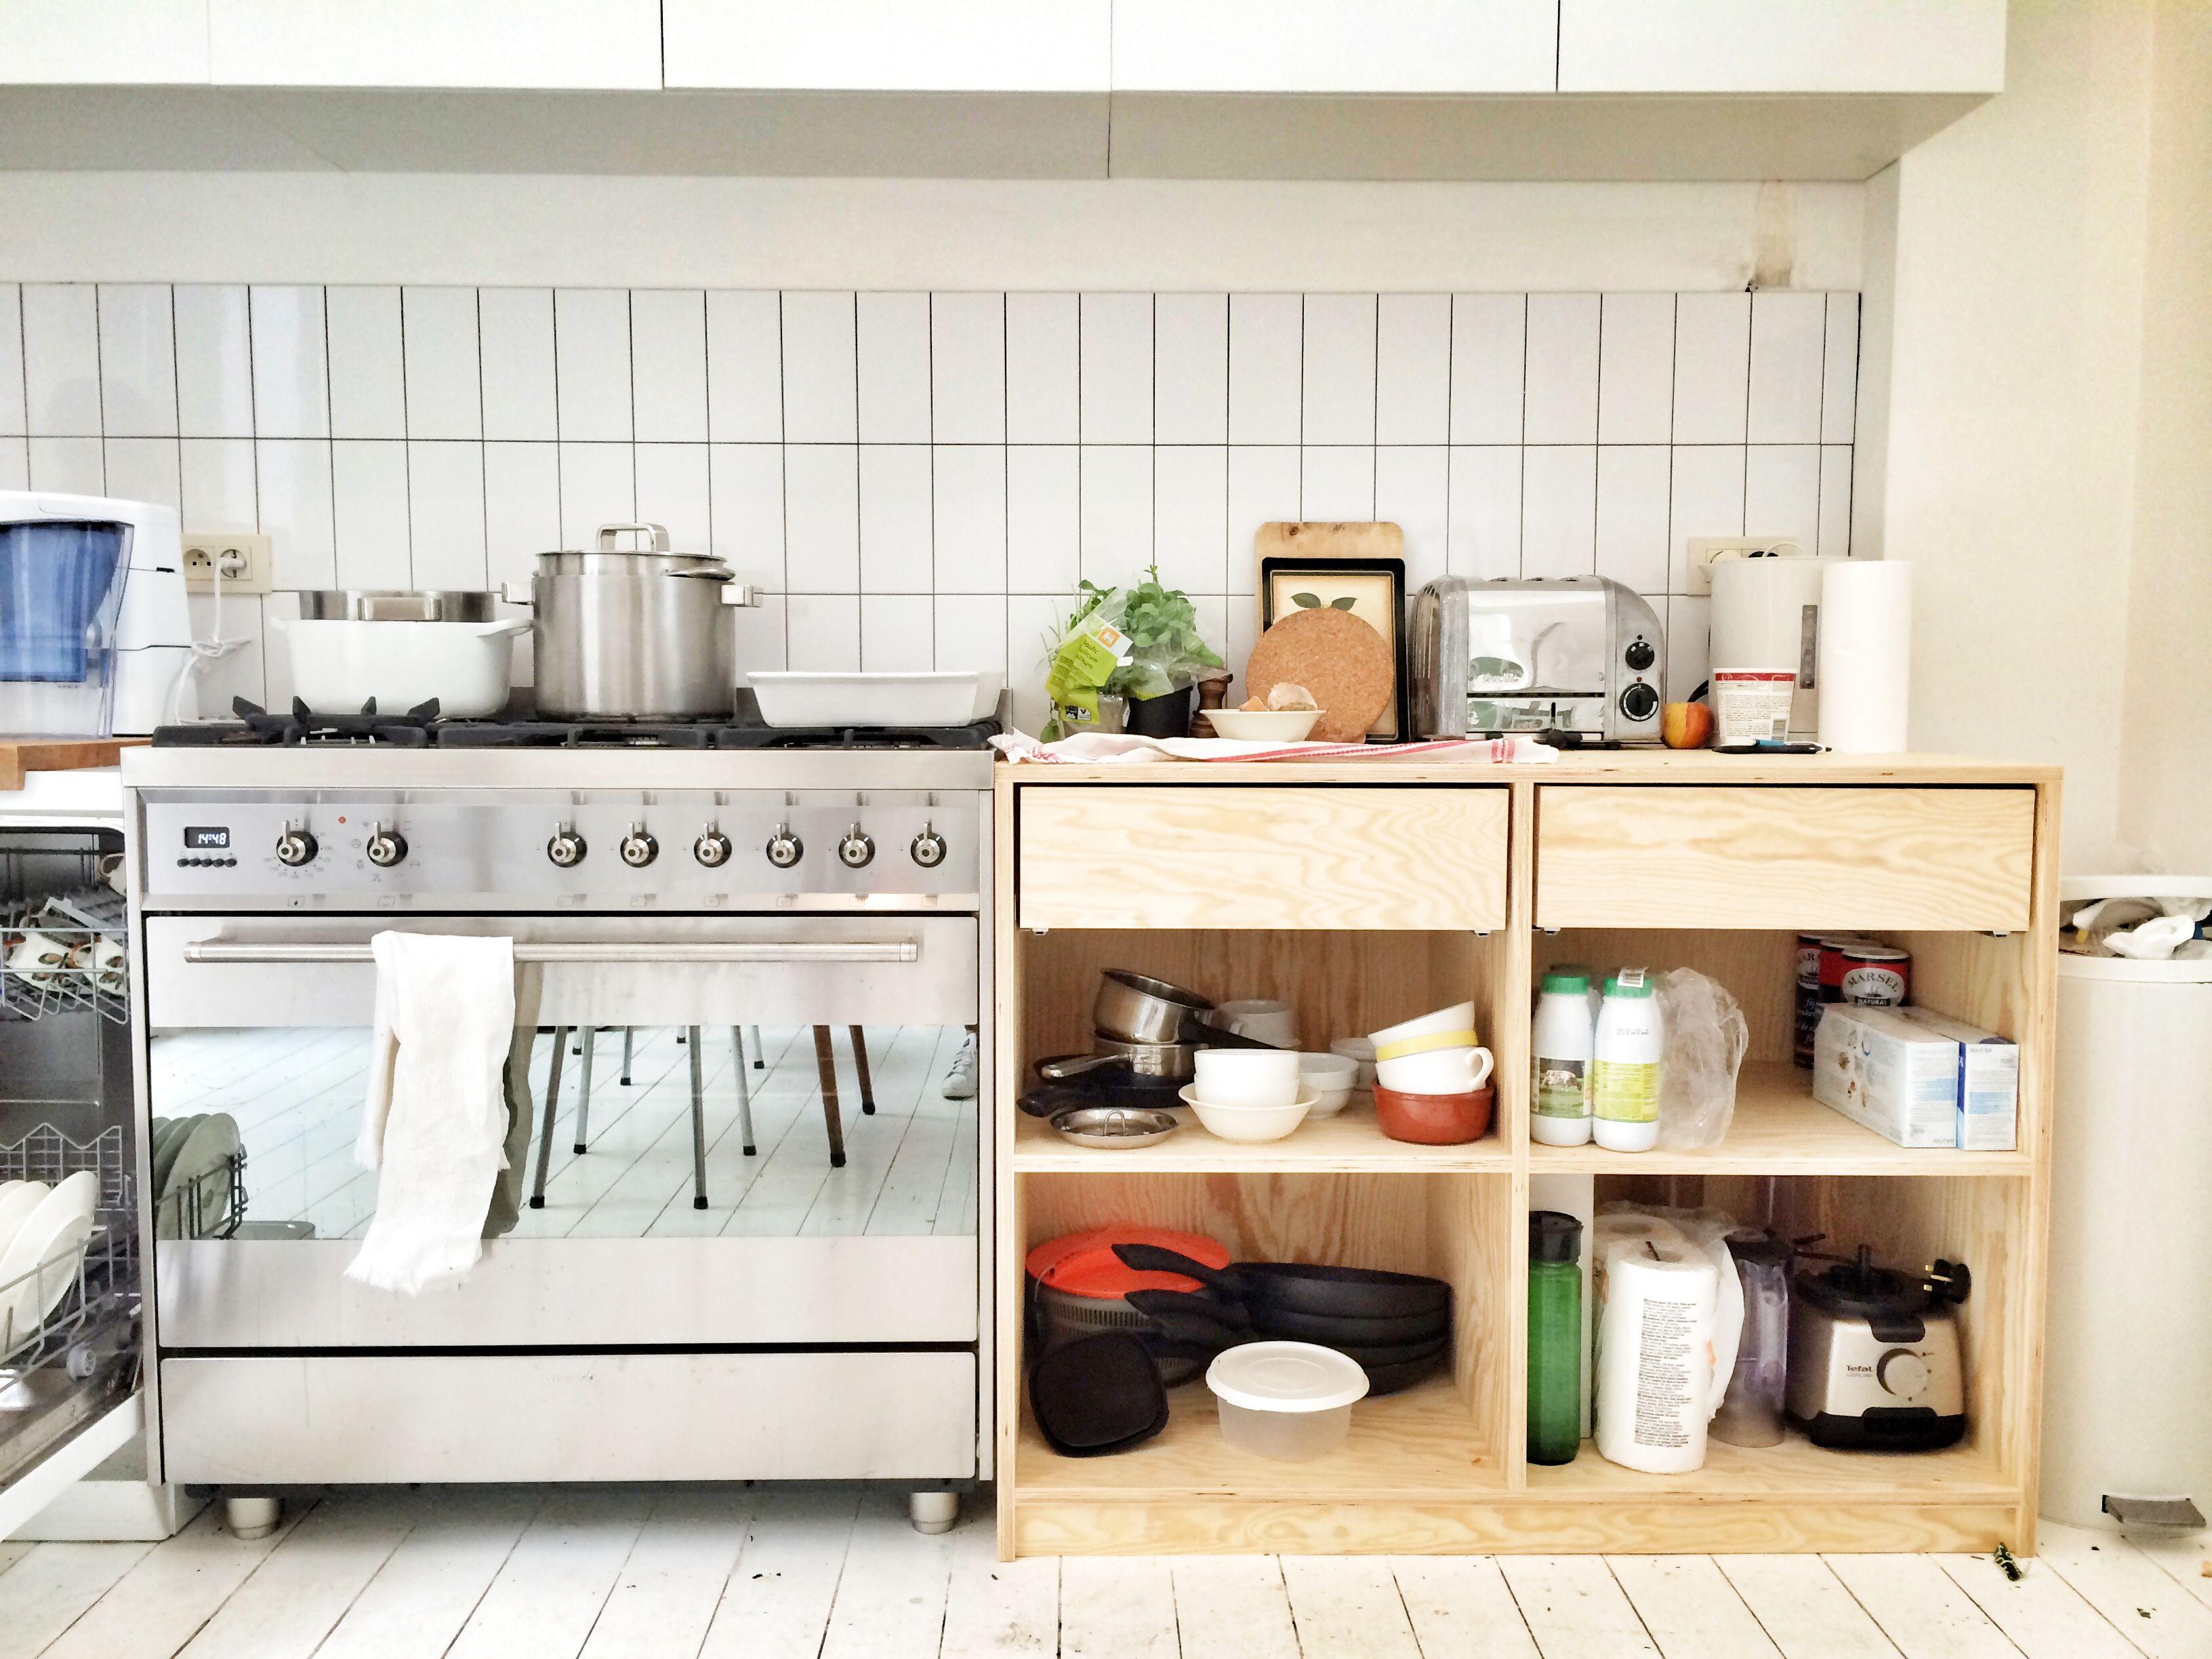 Nett Küchendesigner Ma Galerie - Küche Set Ideen - deriherusweets.info